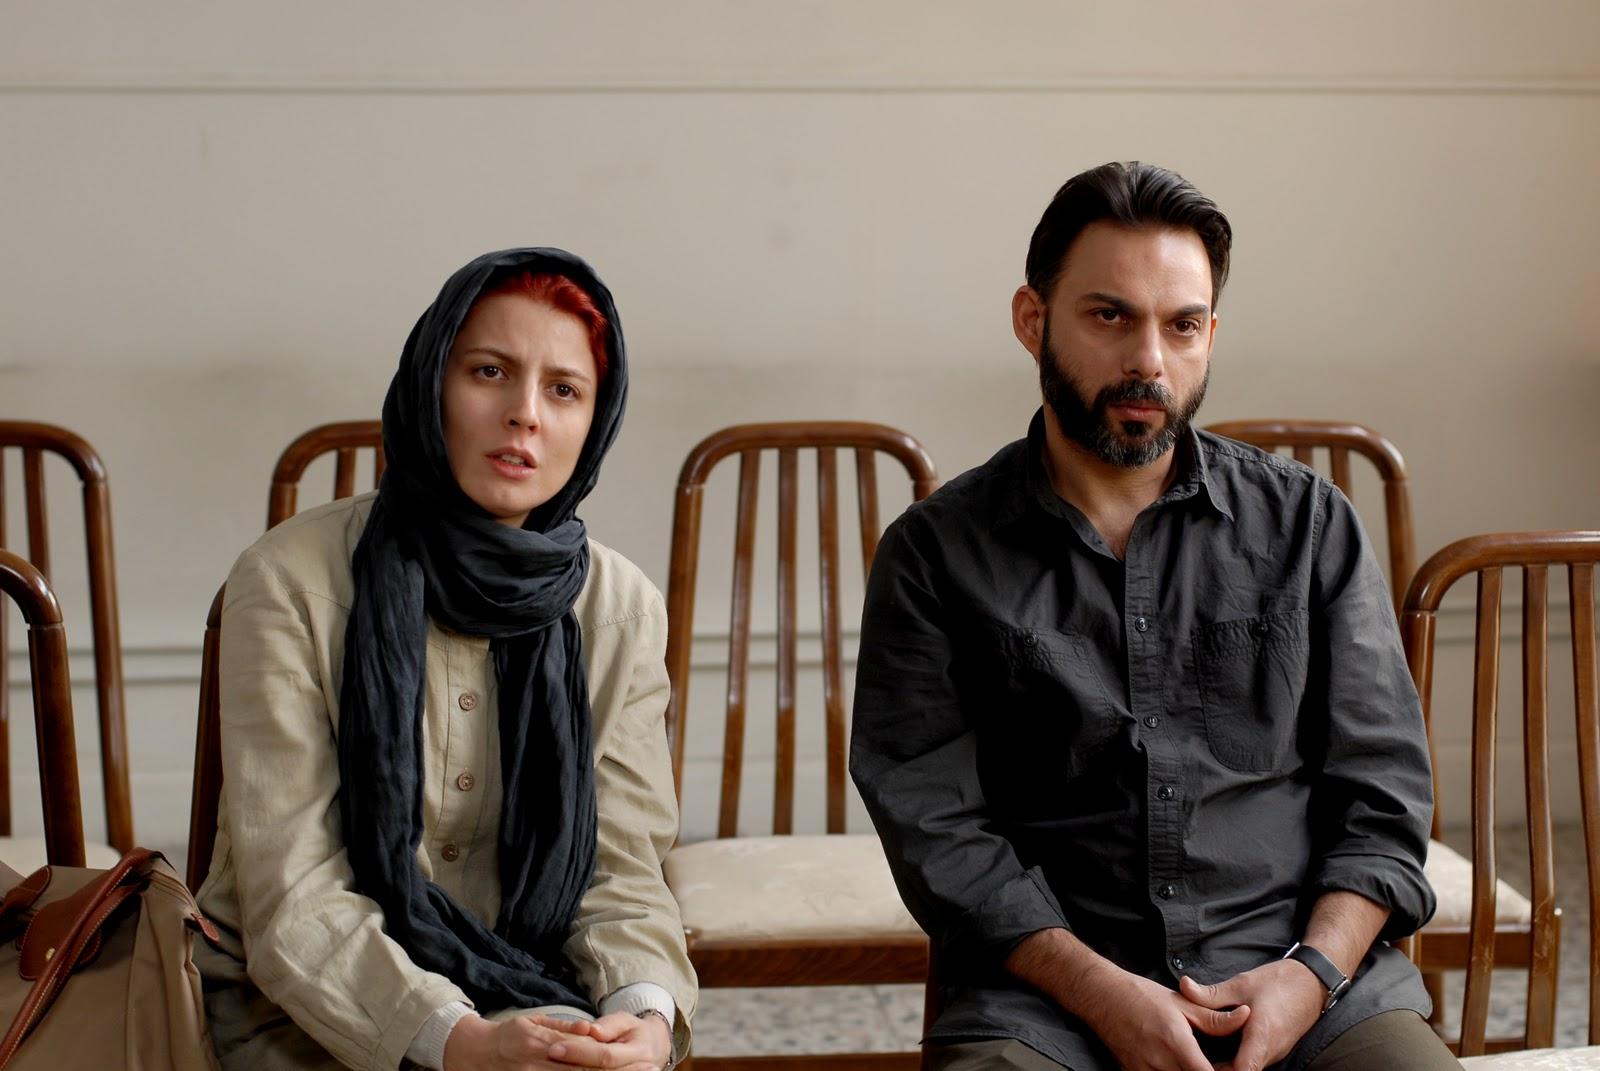 لیلا حاتمی و پیمان معادی در فیلم جدایی نادر از سیمین